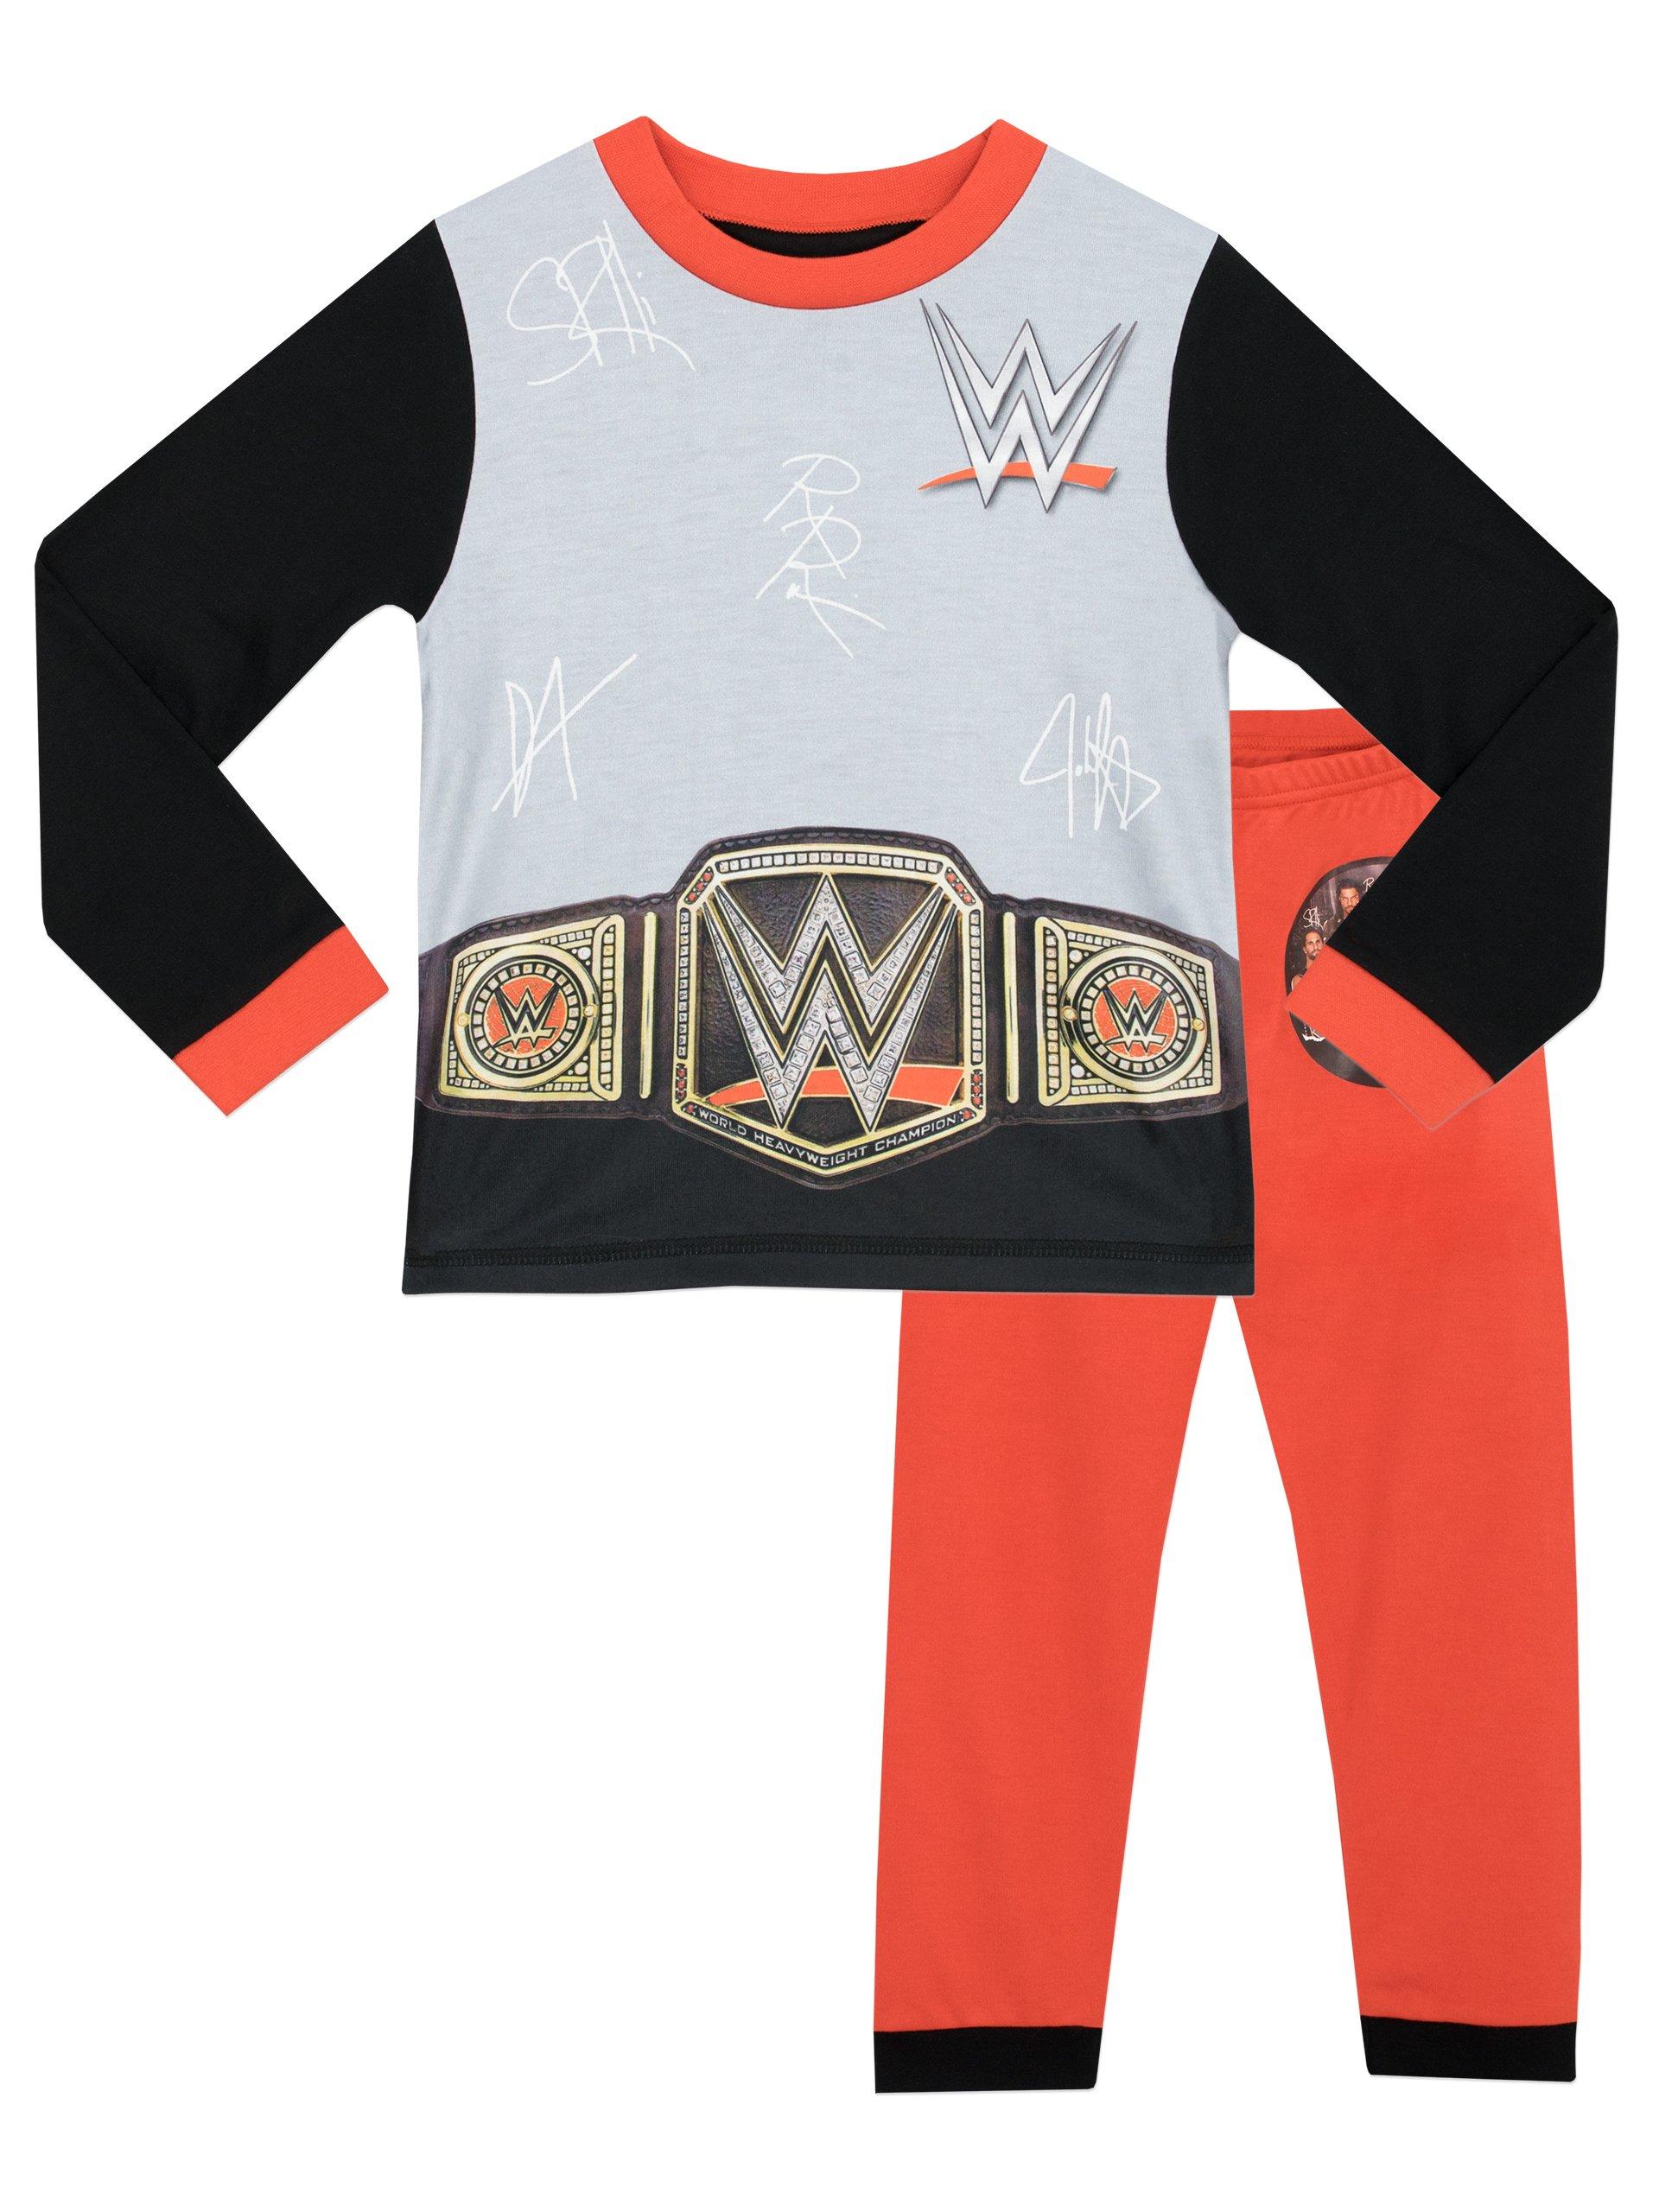 WWE Boys' World Wrestling Entertainment Pajamas Size 6